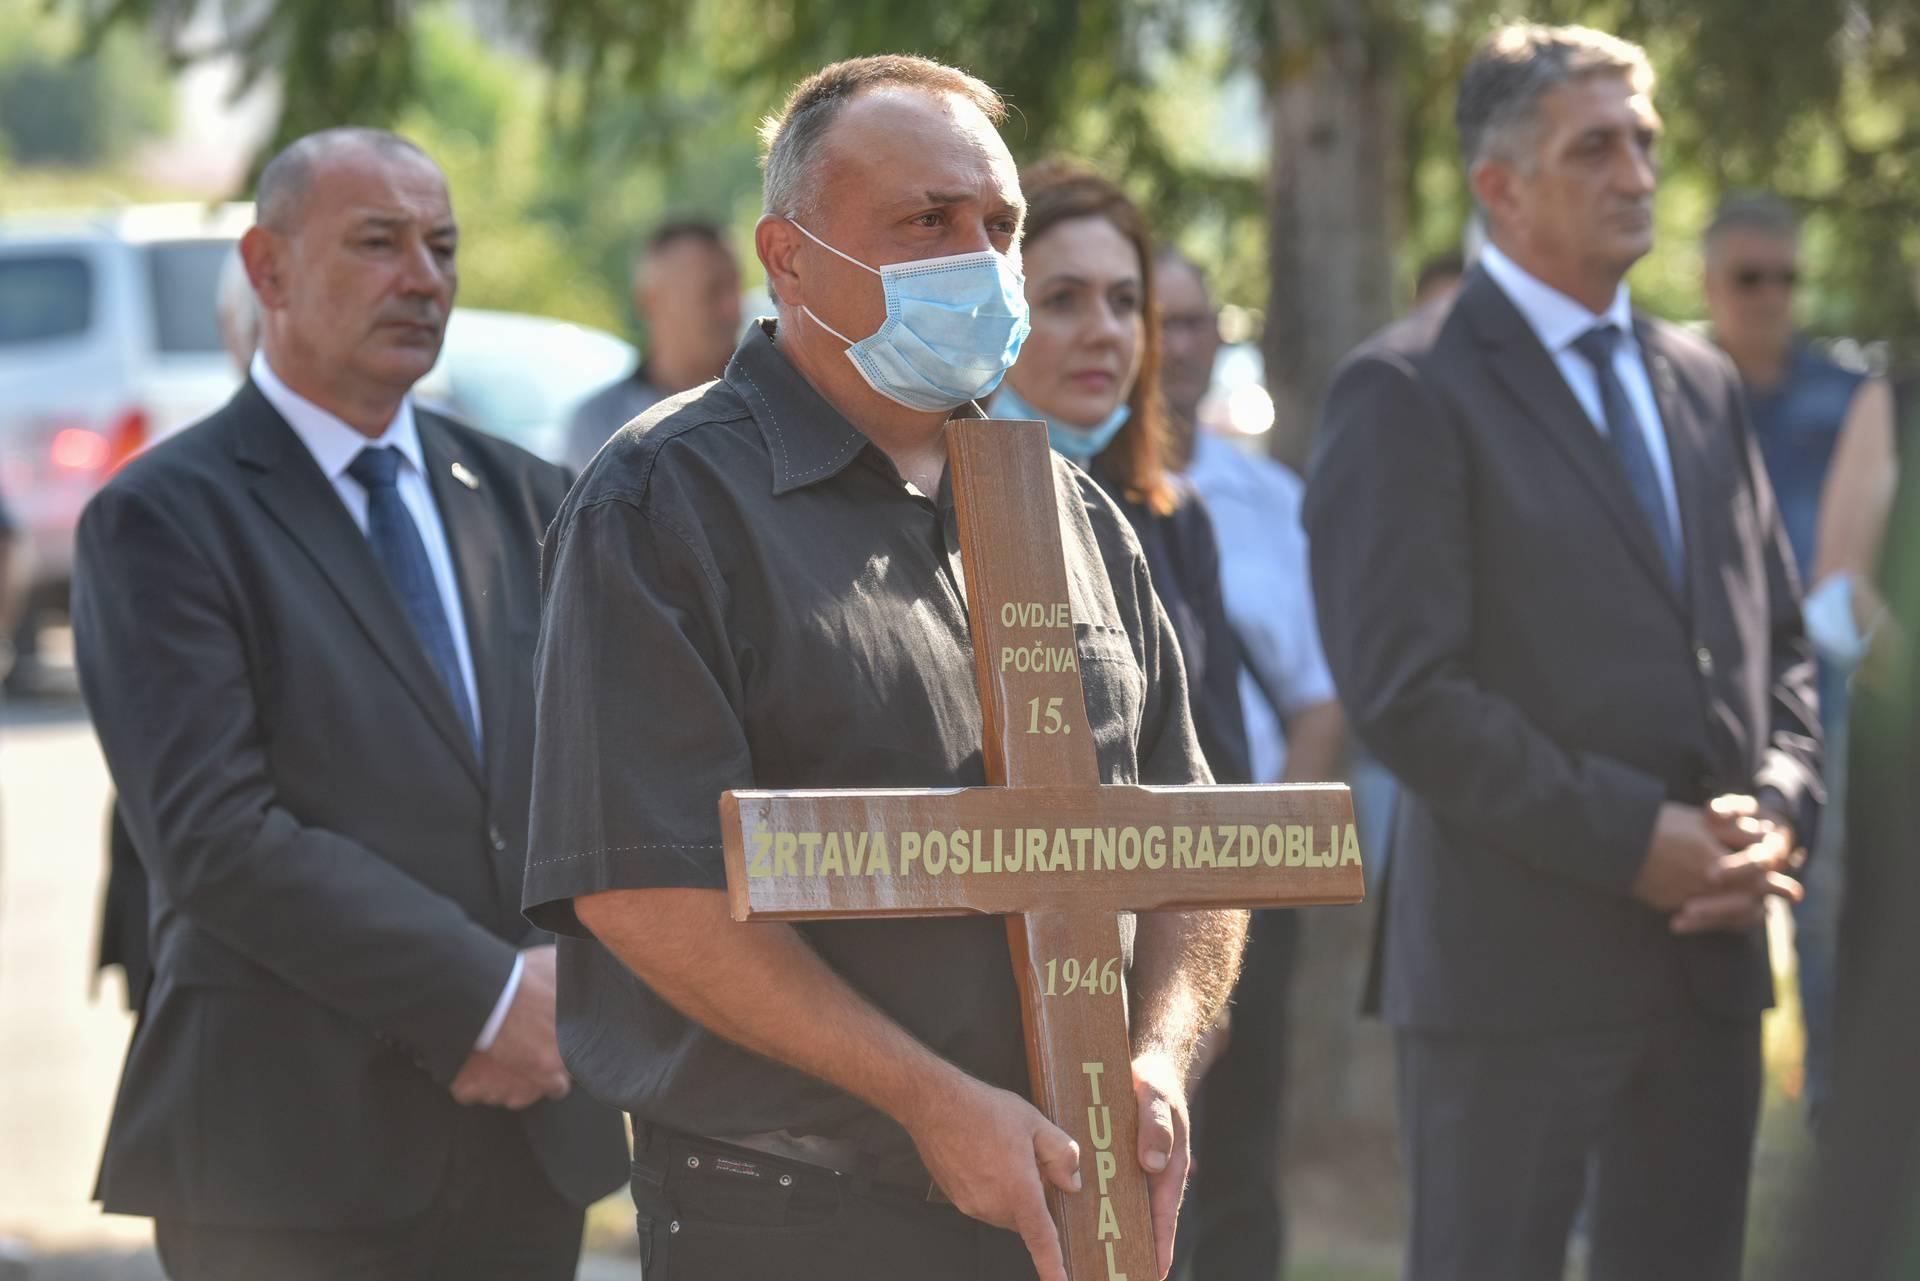 Posljednji ispraćaj posmrtnih ostataka 15 Hrvata u Otočcu ubijenih po nalogu Ozne